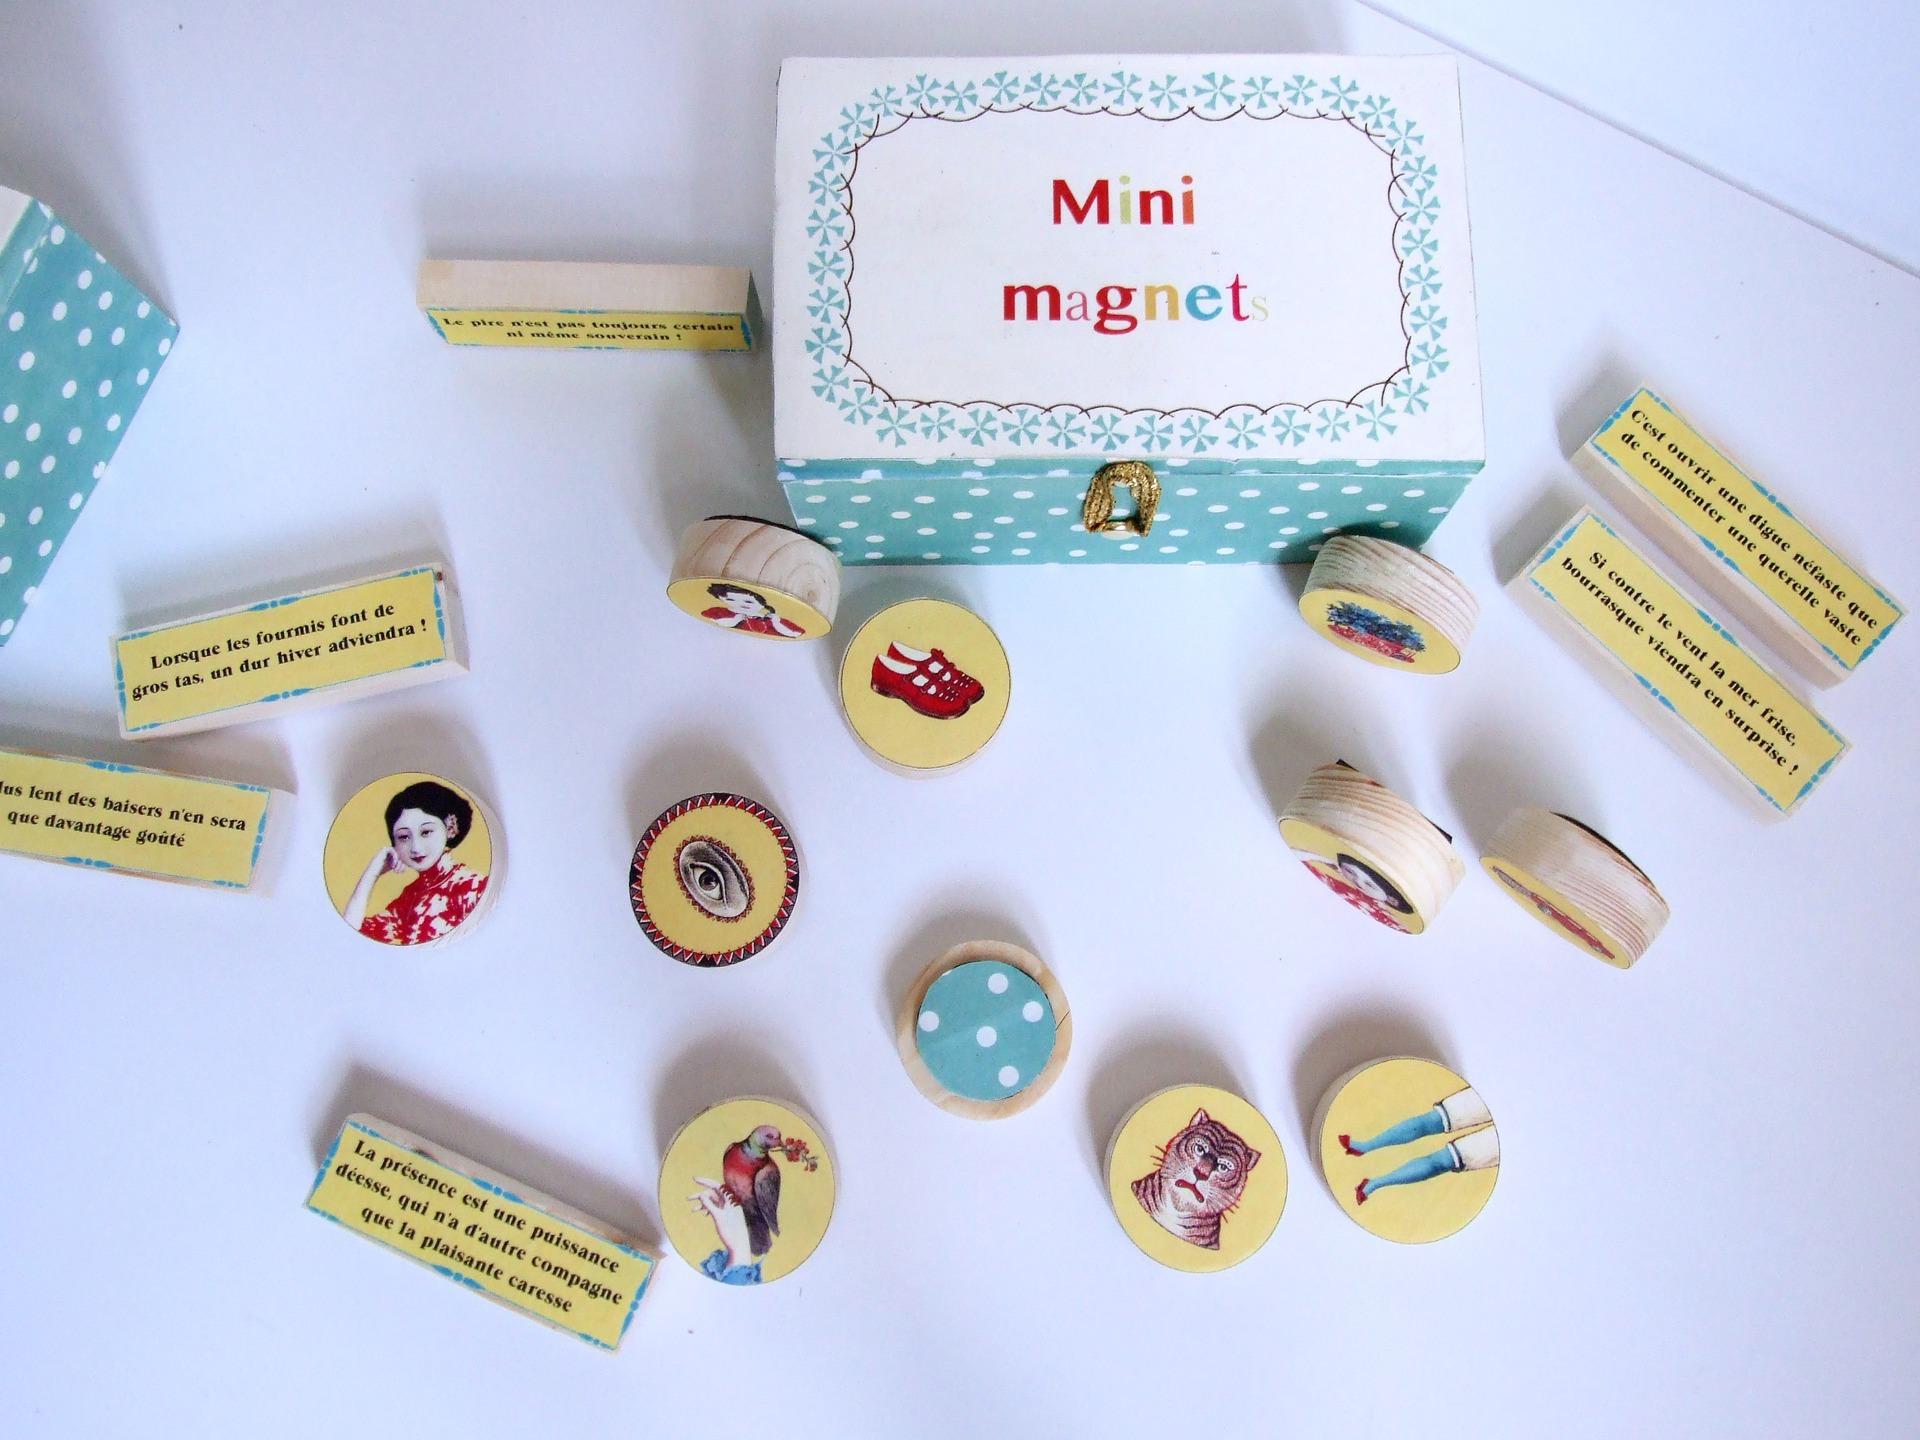 accessoires-de-maison-boite-de-12-petits-magnets-en-bois-15837894-dscf7051-jpg-9cc2ca-90595_big